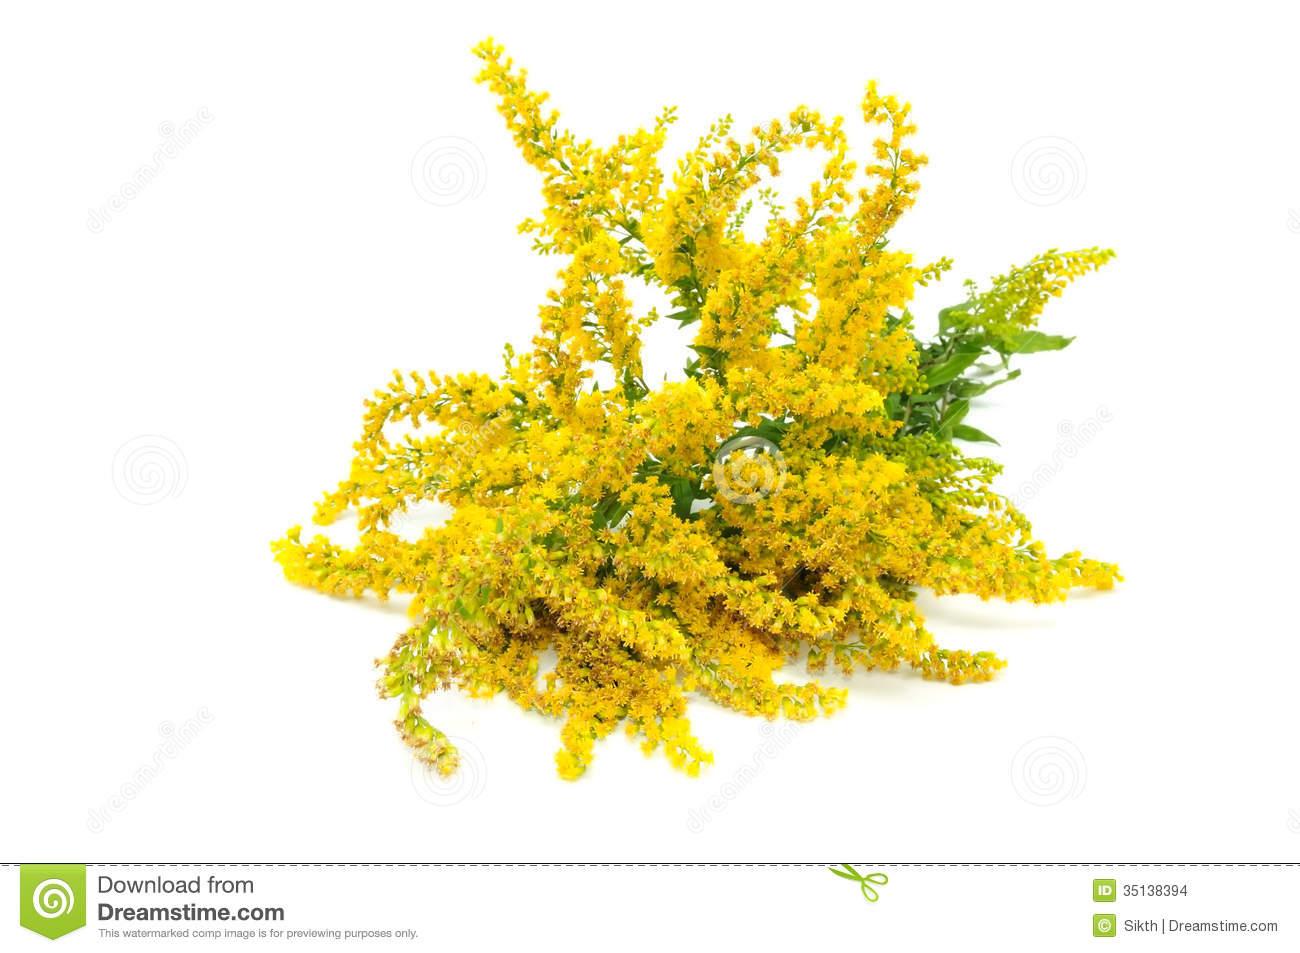 Canada Goldenrod Flowers Isolated On White Background Stock Photo.